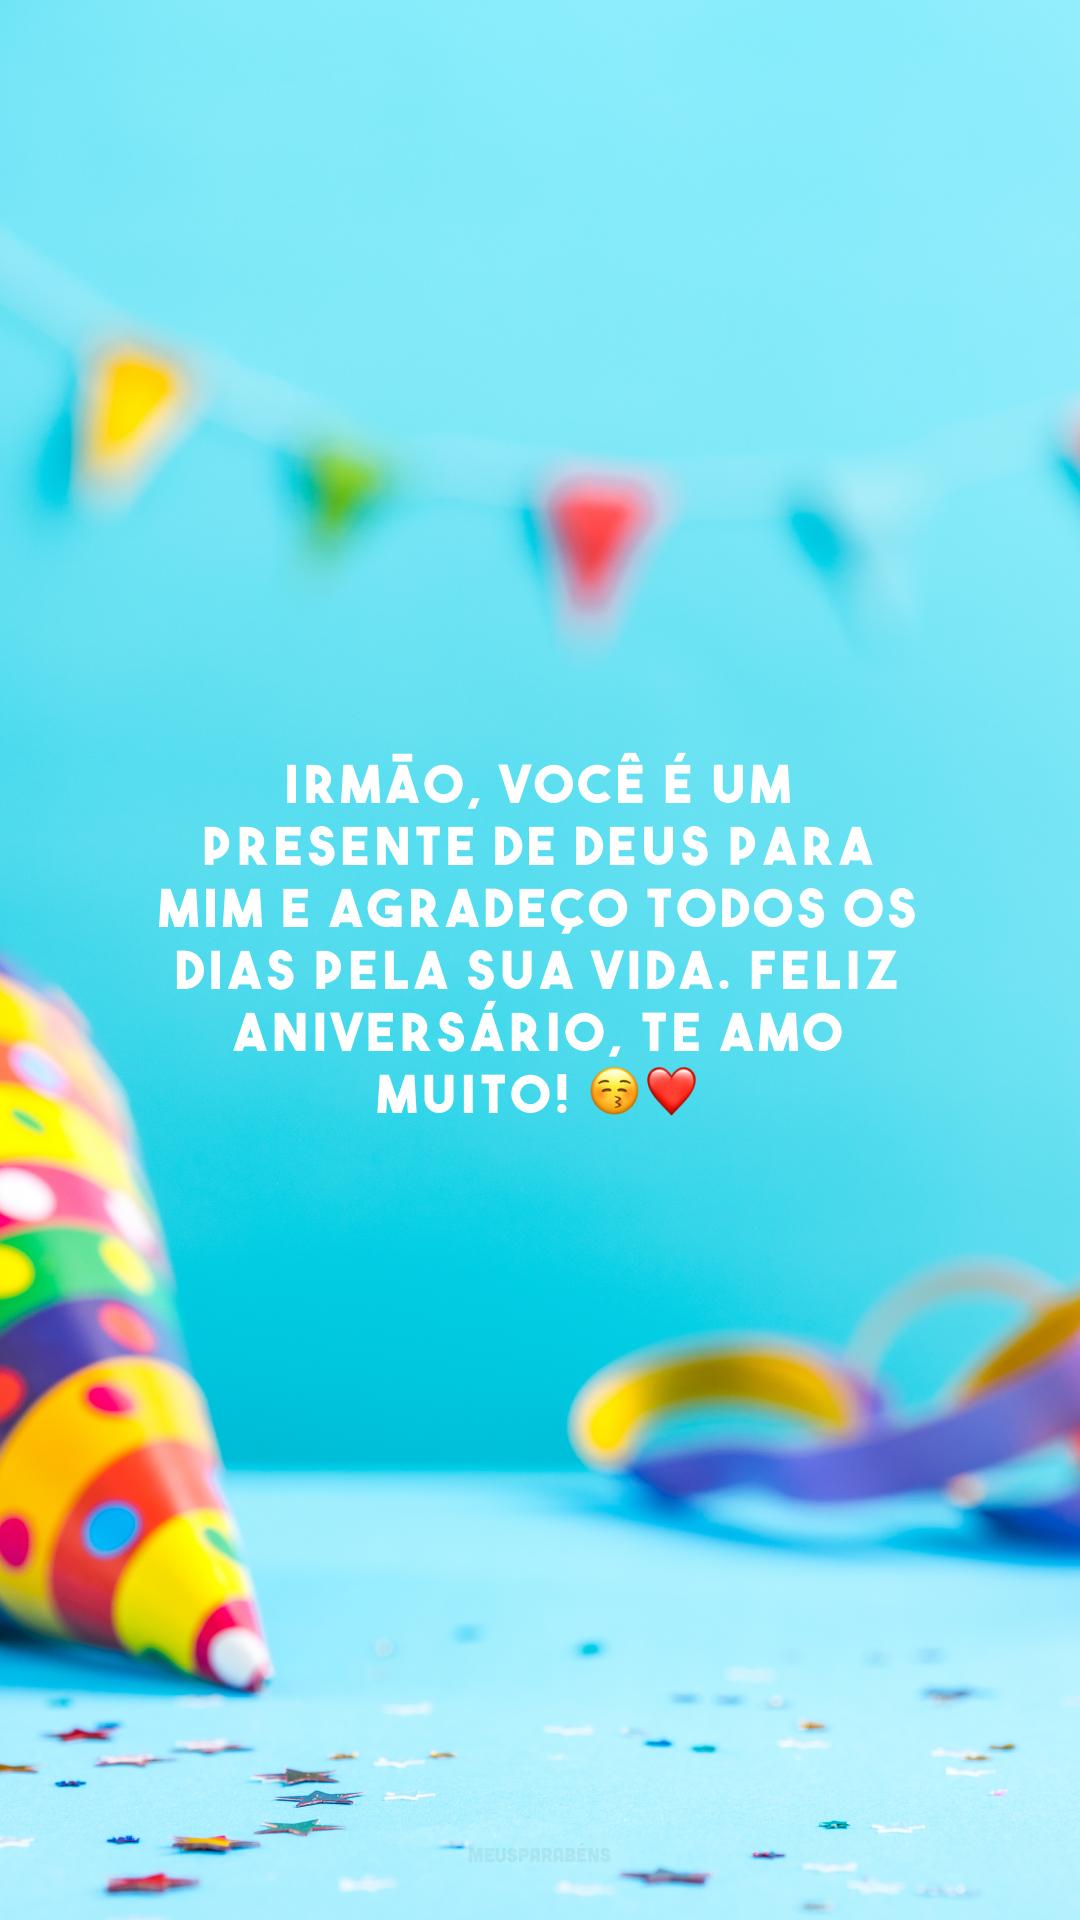 Irmão, você é um presente de Deus para mim e agradeço todos os dias pela sua vida. Feliz aniversário, te amo muito! 😚❤️